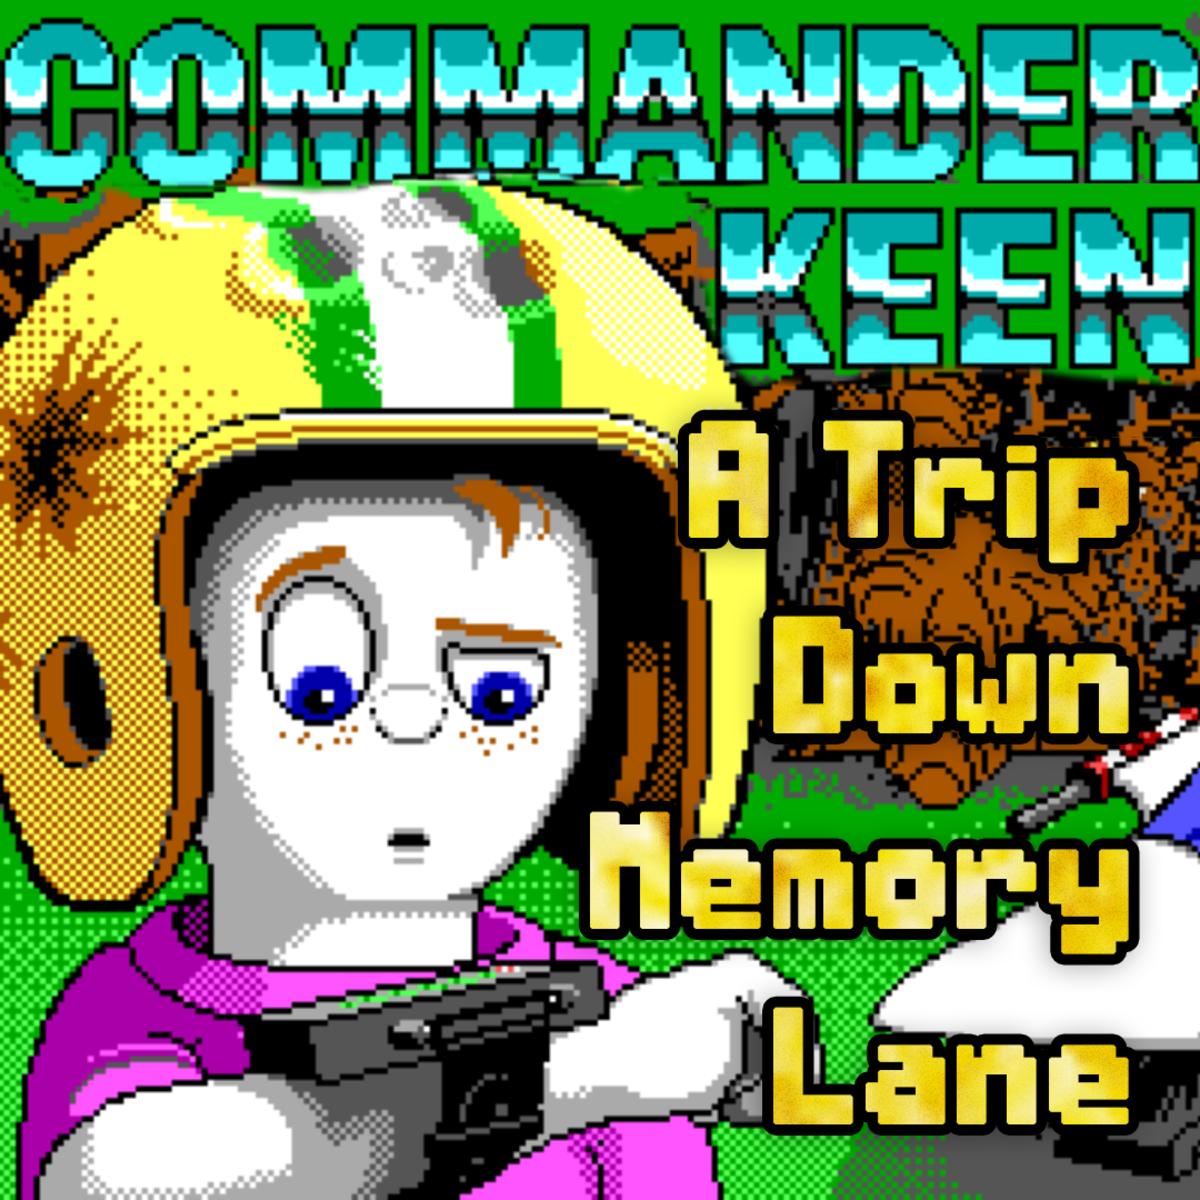 Commander Keen: A Trip Down Memory Lane